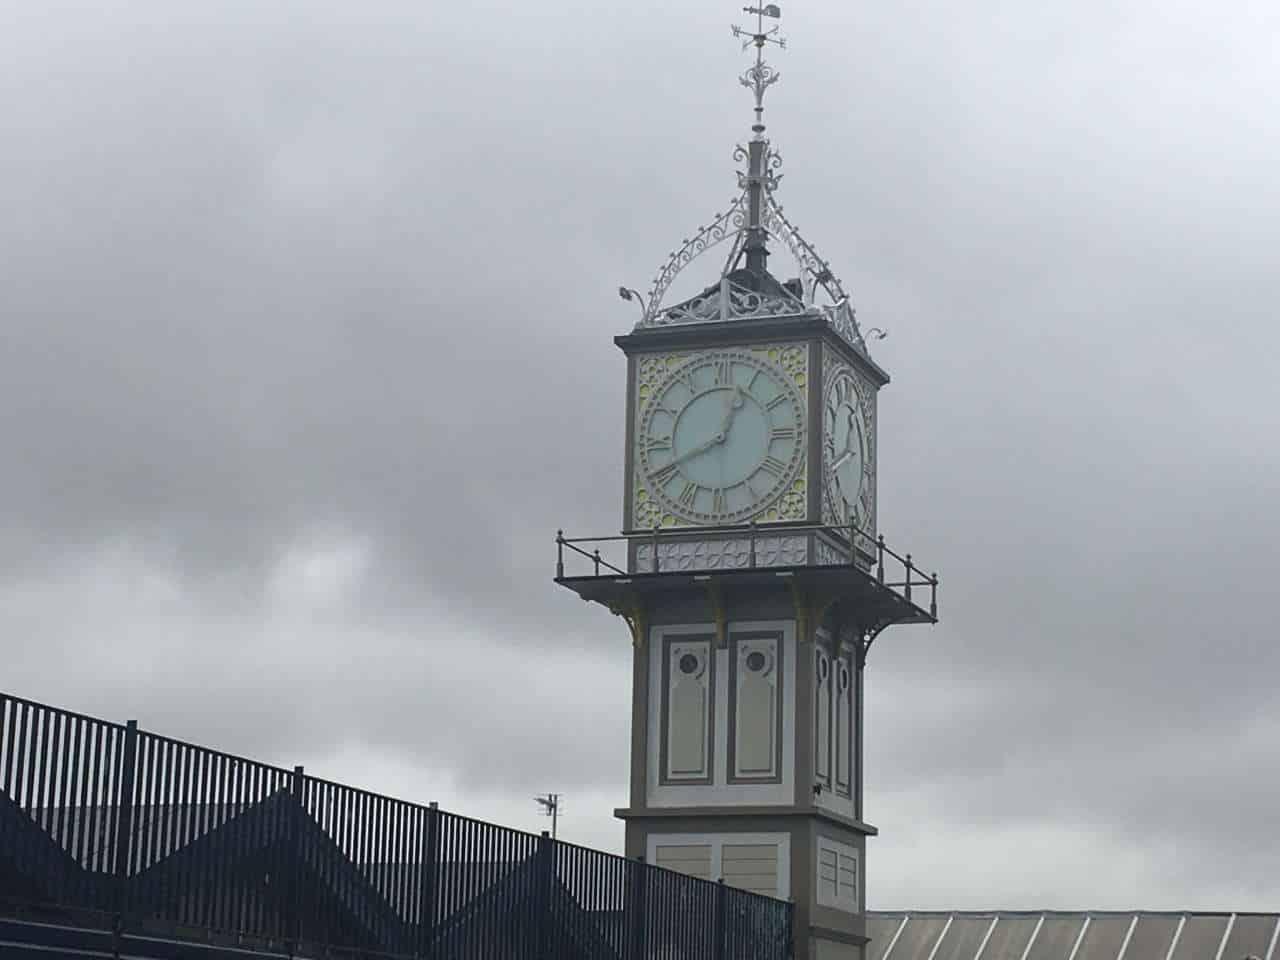 Cleethorpes clock tower is refurbished